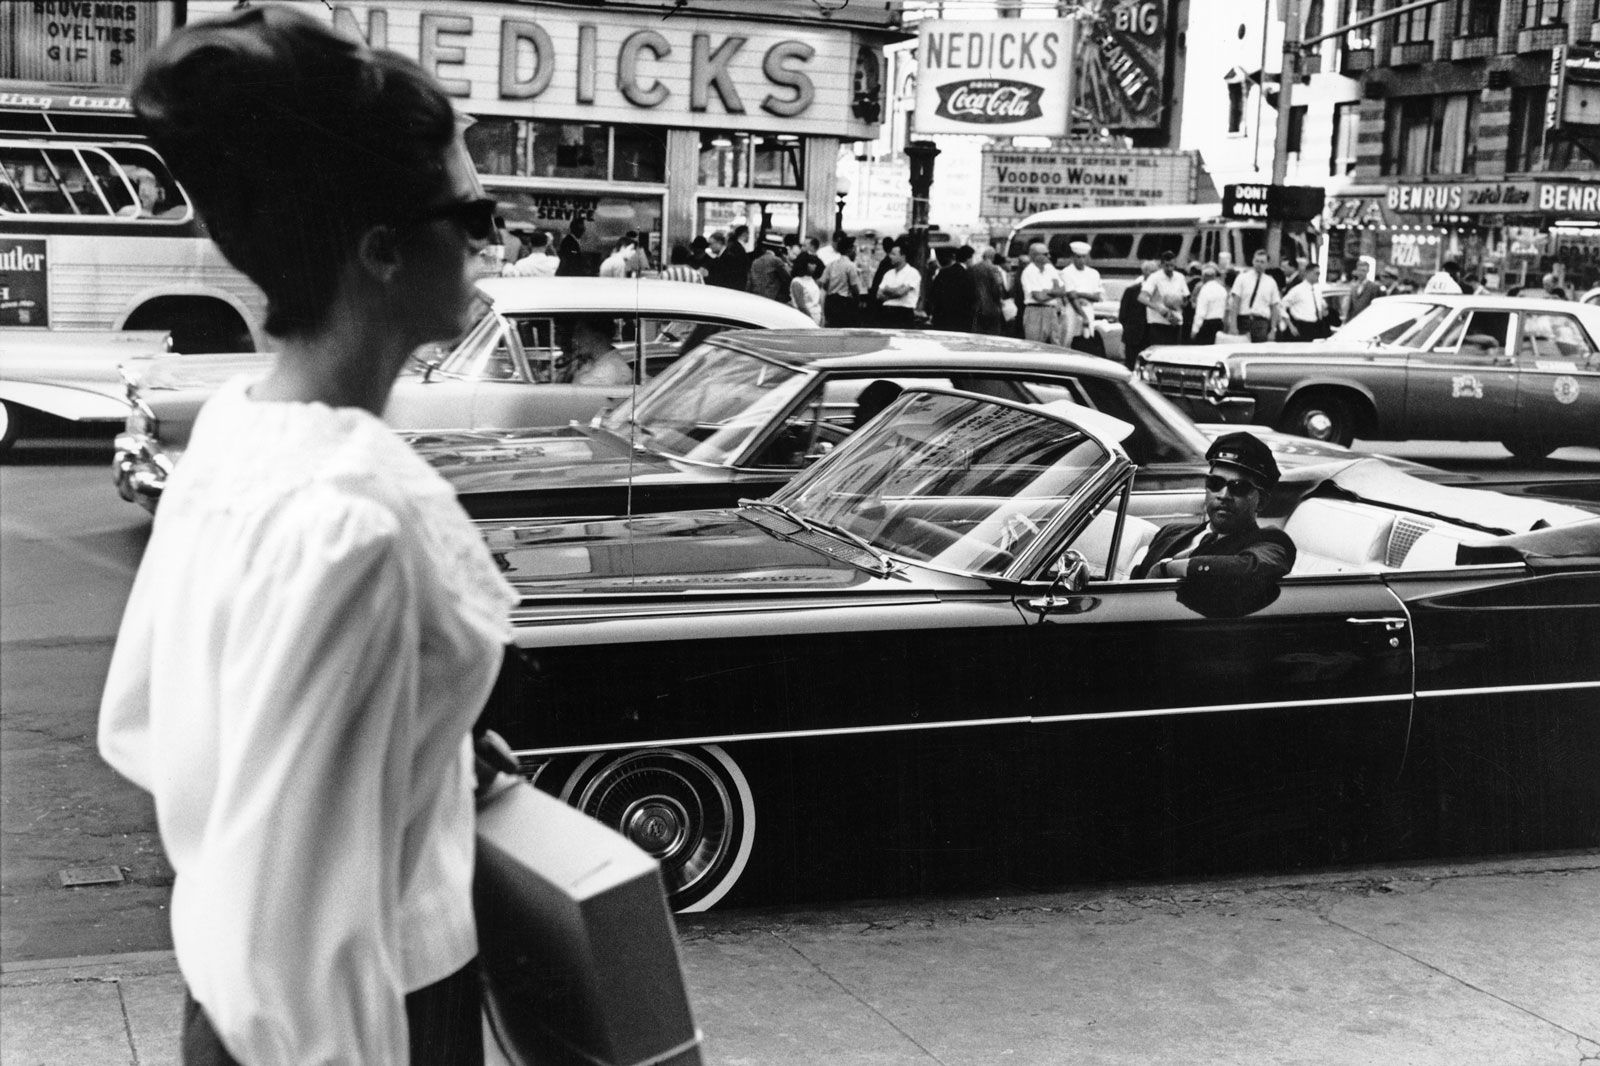 Neil Libbert: 42nd Street, 1960